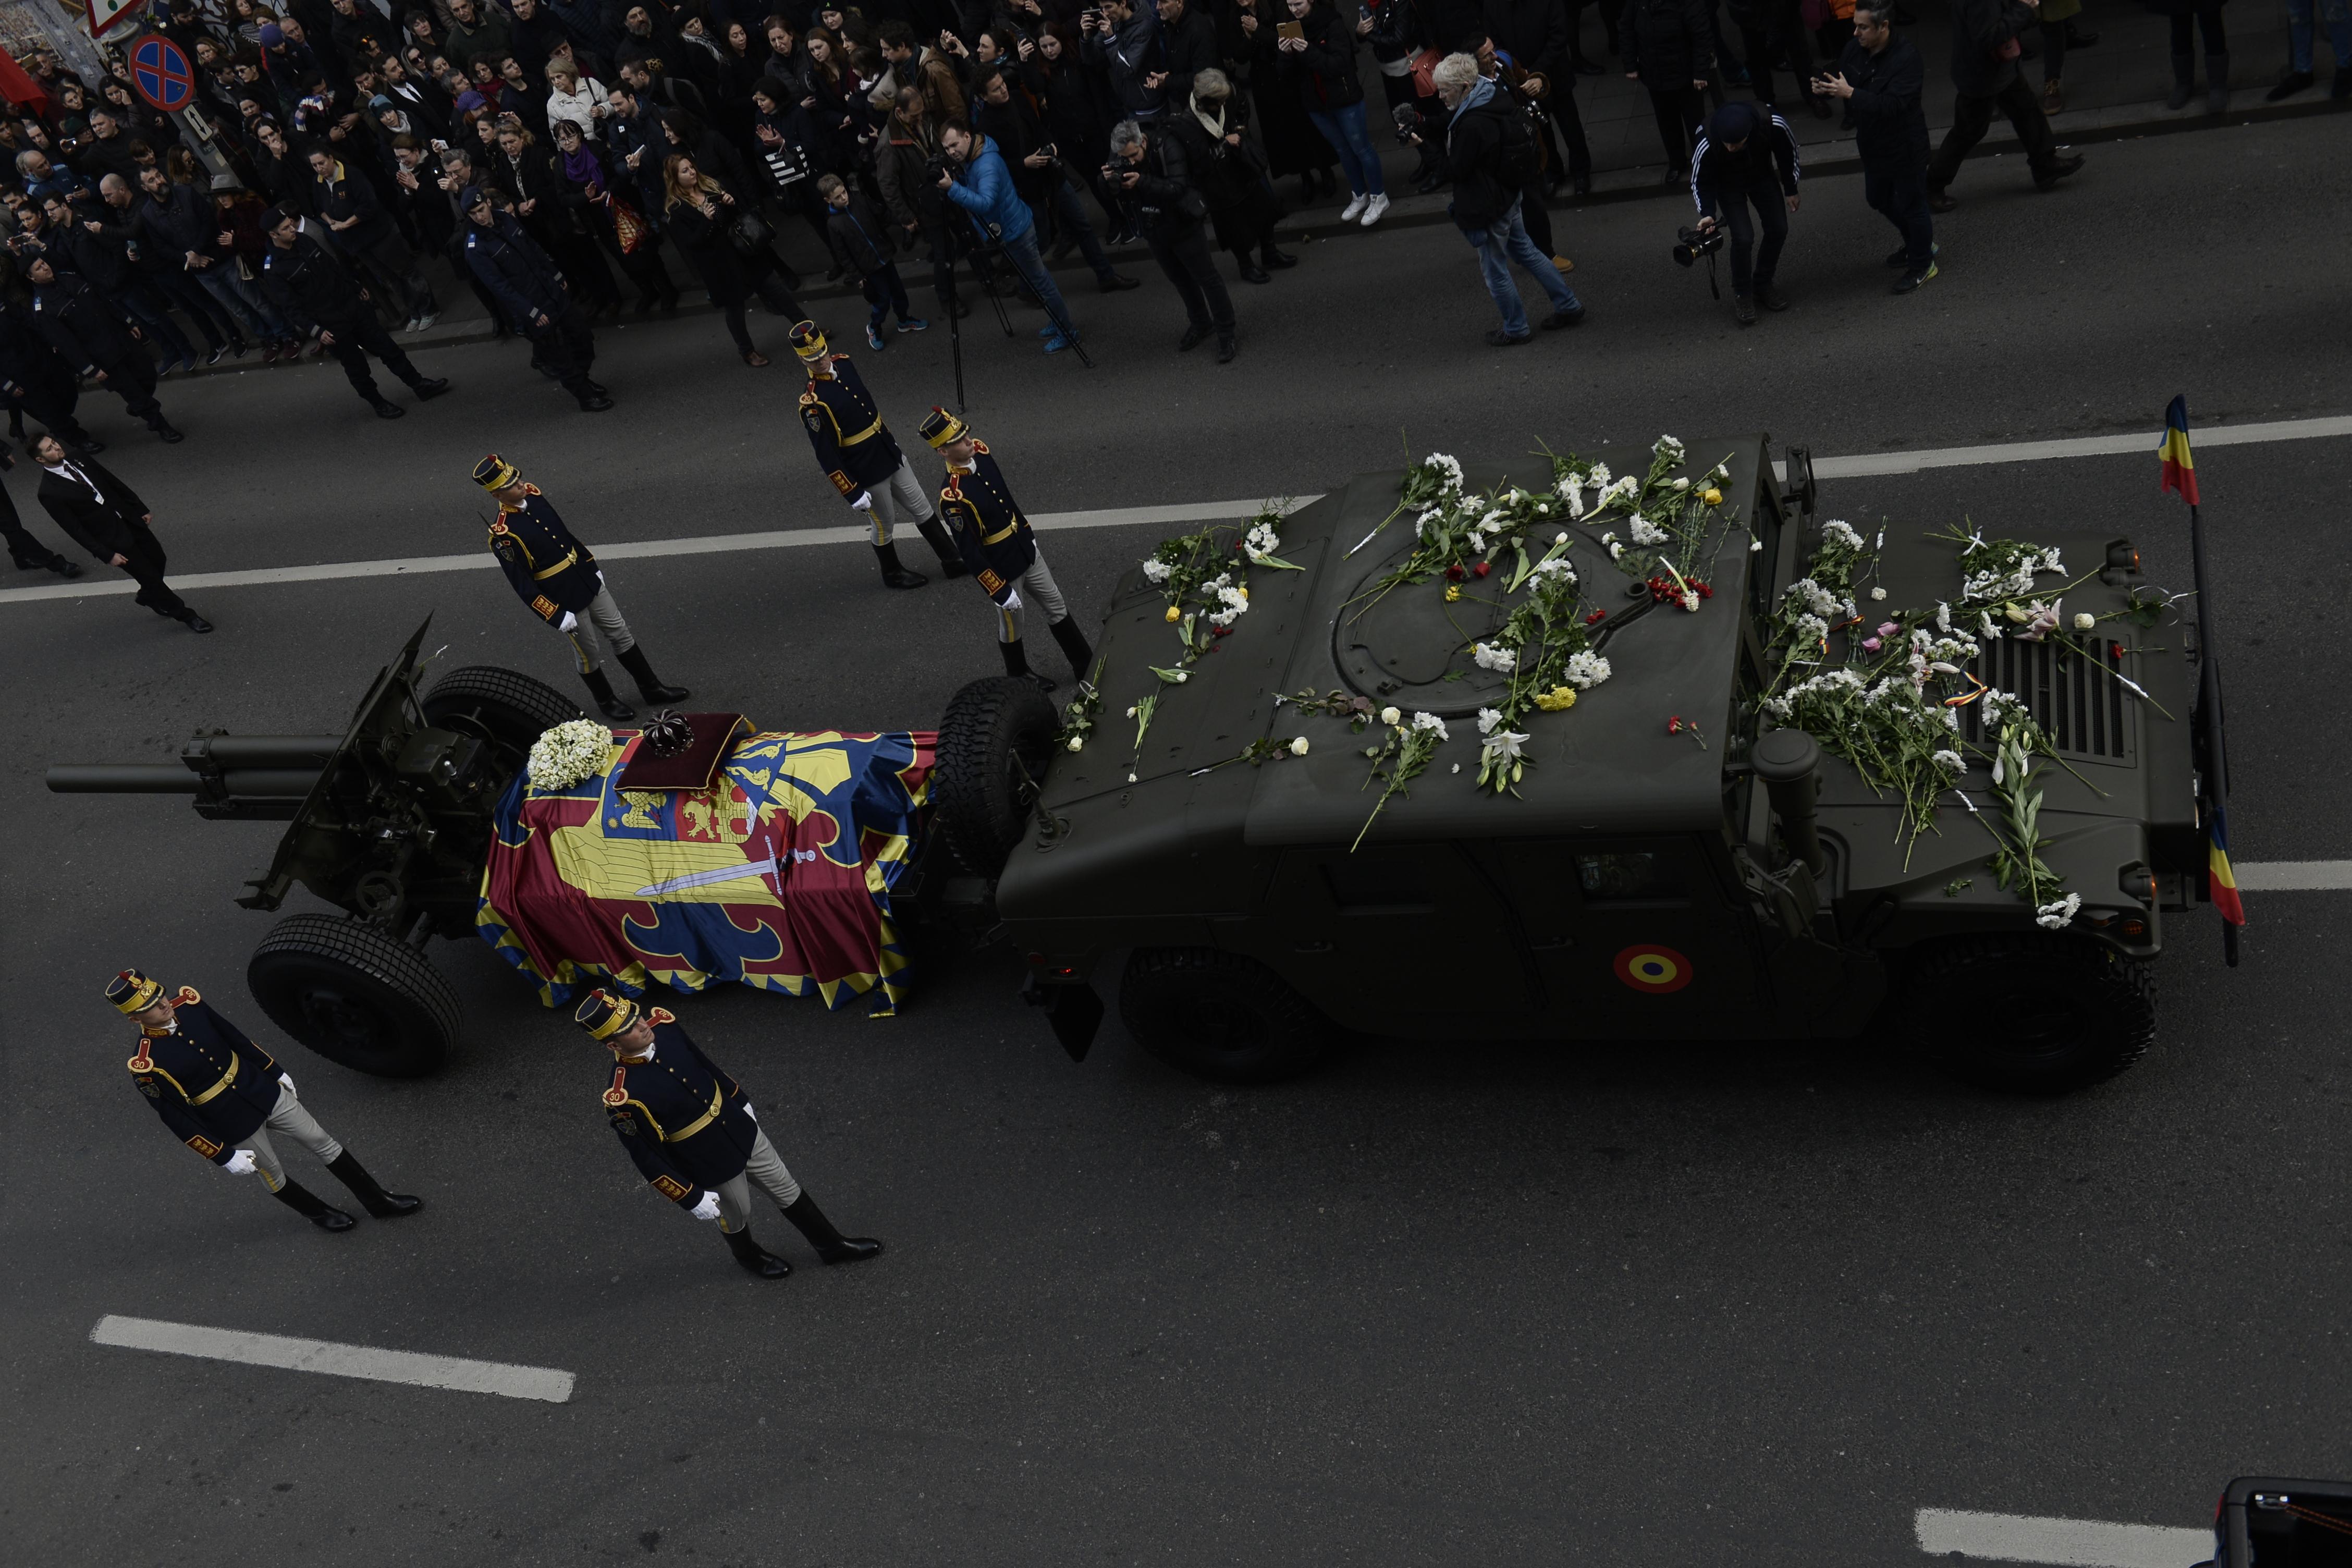 România şi-a luat RĂMAS BUN de la Regele Mihai. Peste 20.000 de oameni l-au aclamat şi aplaudat pe rege, în Bucureşti, de-a lungul procesiunii funerare/ Slujba de înmormântare la Patriarhie, în prezenţa invitaţilor străini